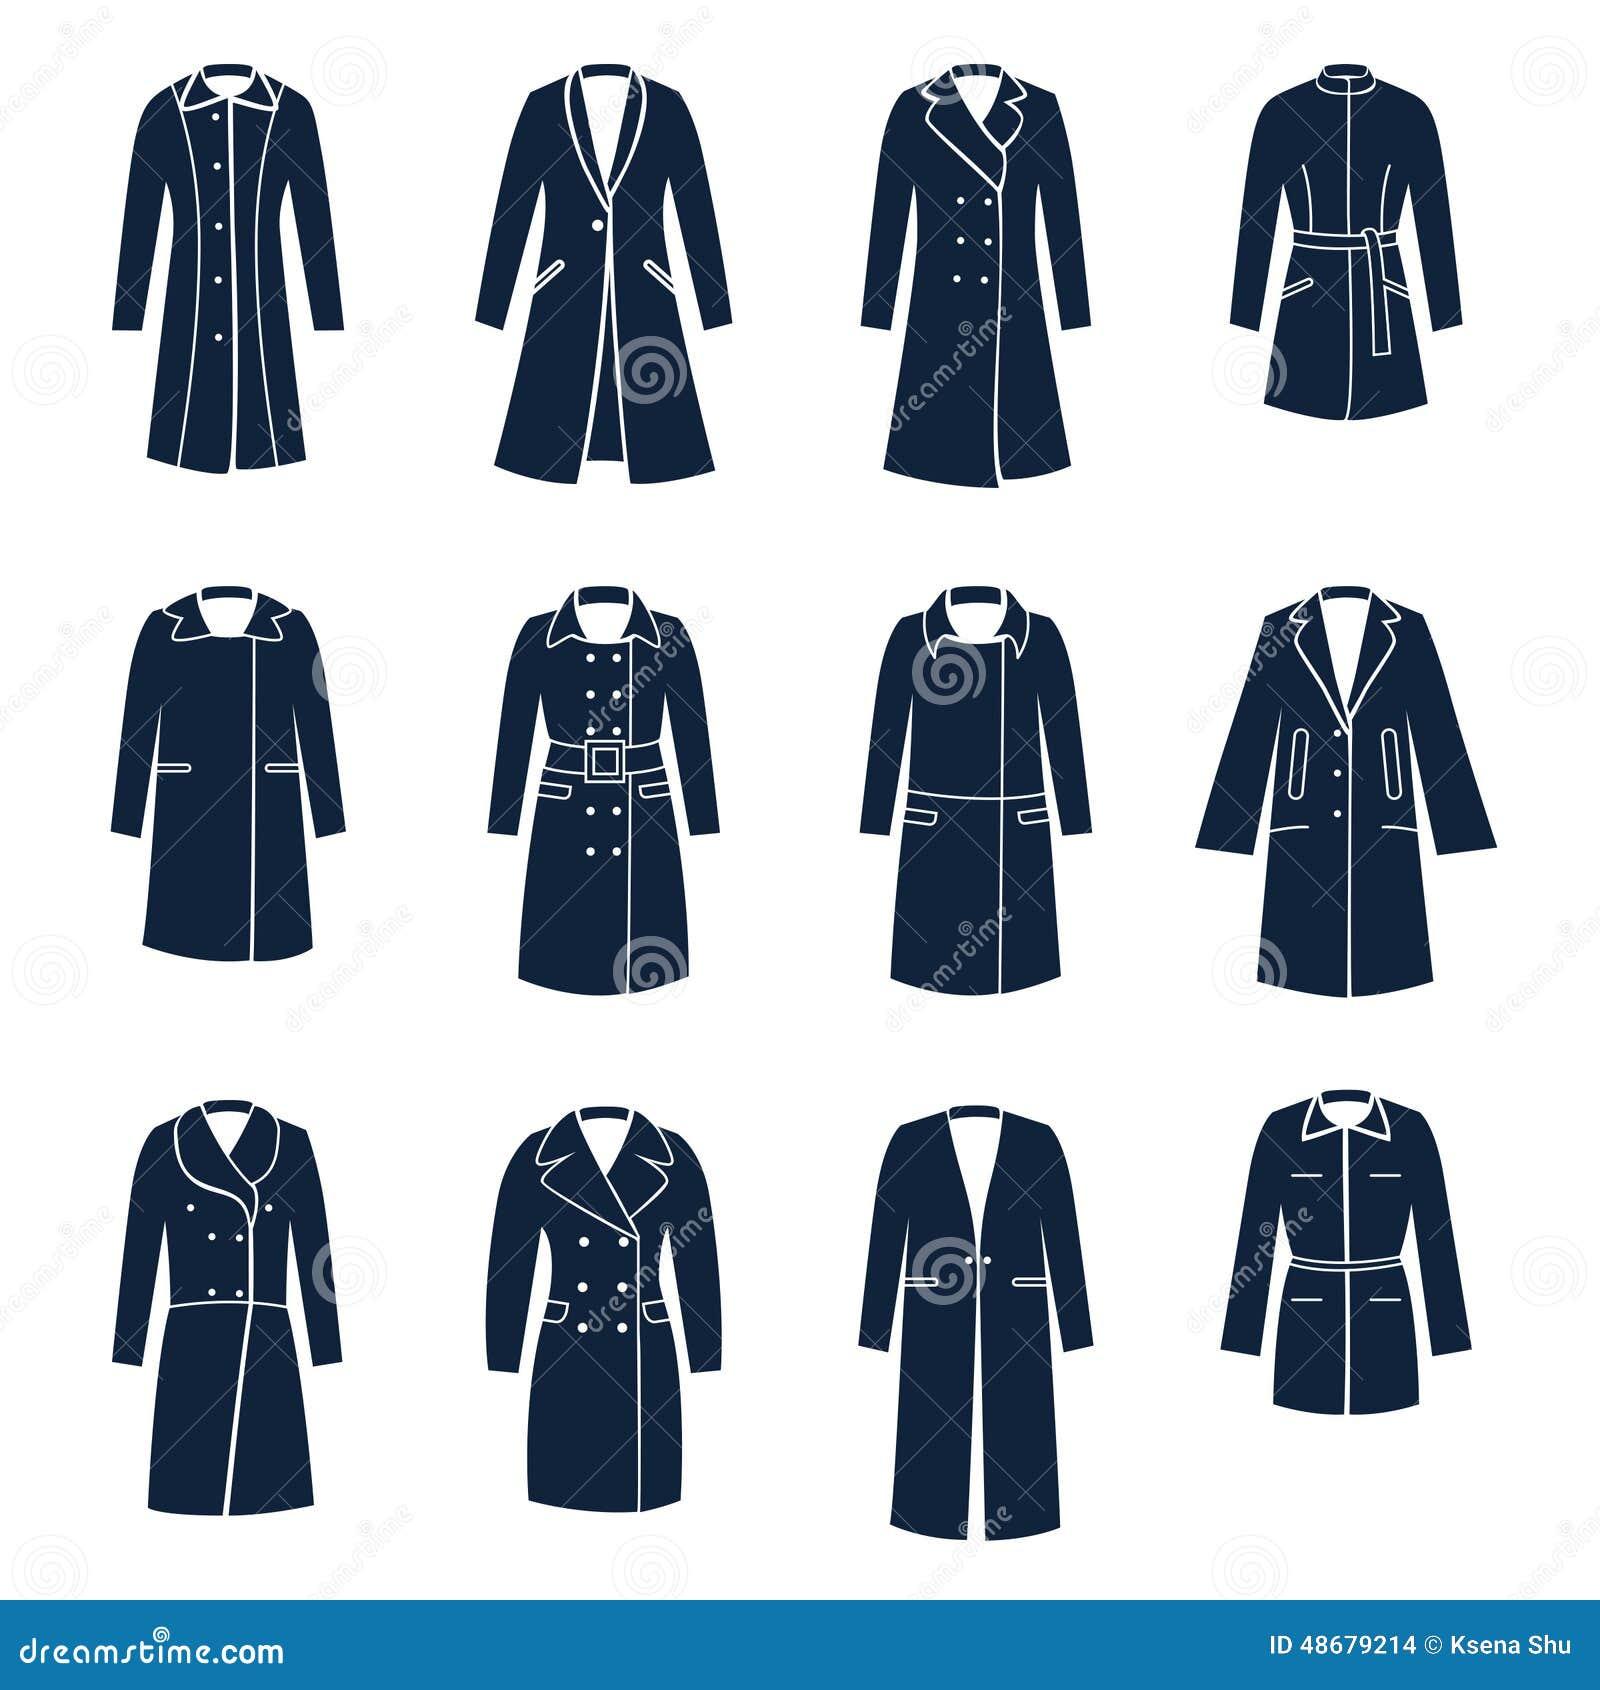 Différents Manteaux Types Femmes Vecteur De Illustration gqg4nrTc